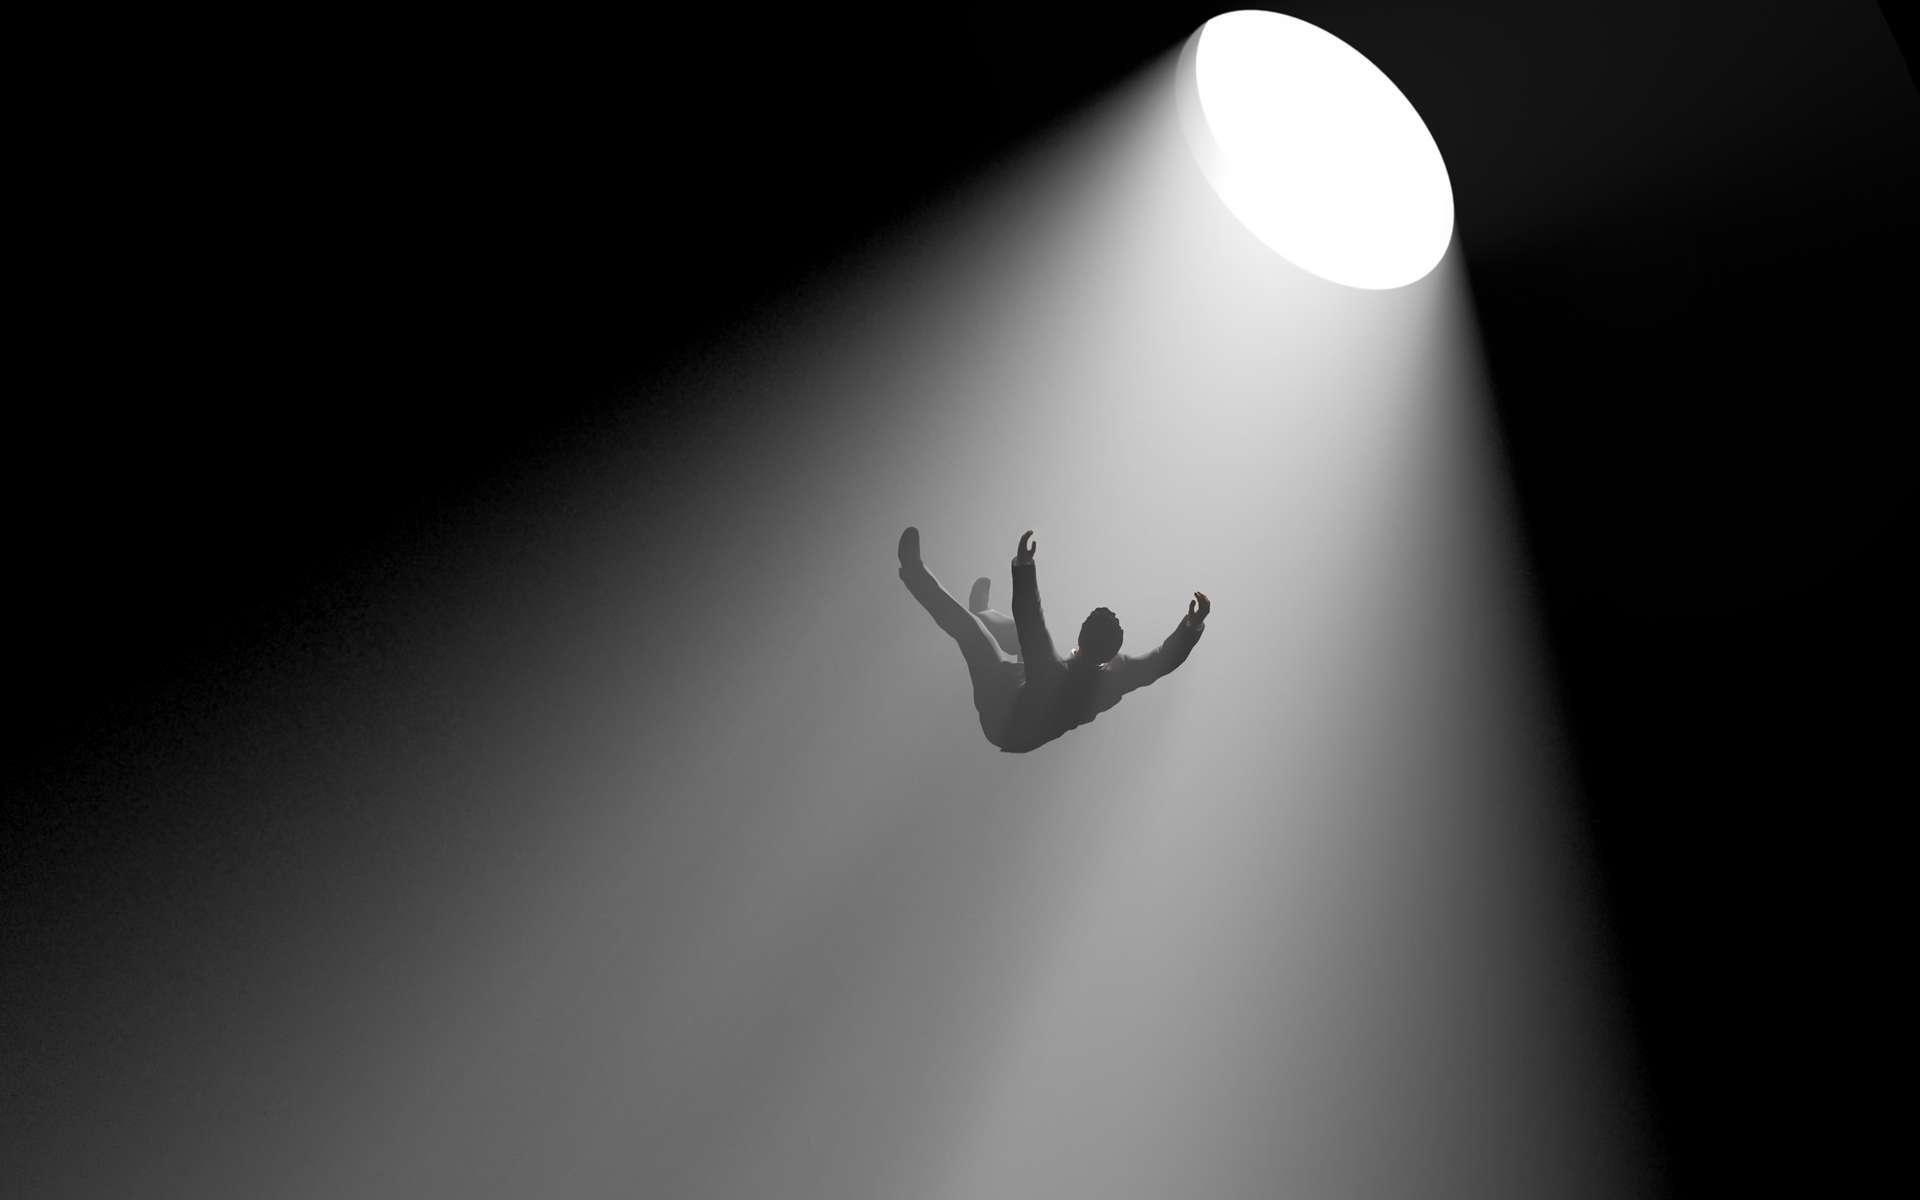 La dépression, autrefois catégorisée parmi les troubles de l'humeur, fait désormais partie des « troubles dépressifs » d'après le DSM-5 (Manuel diagnostique et statistique des troubles mentaux). © Photobank, Adobe Stock